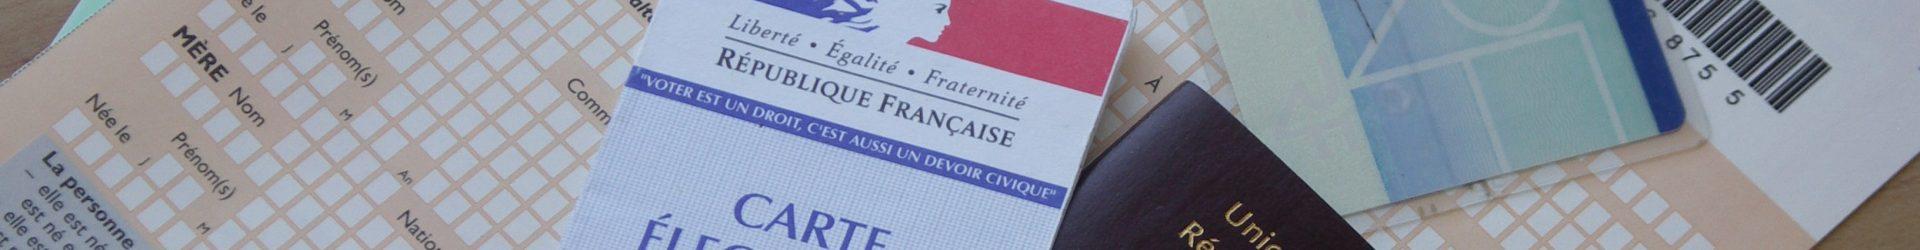 ville-blanzat.fr